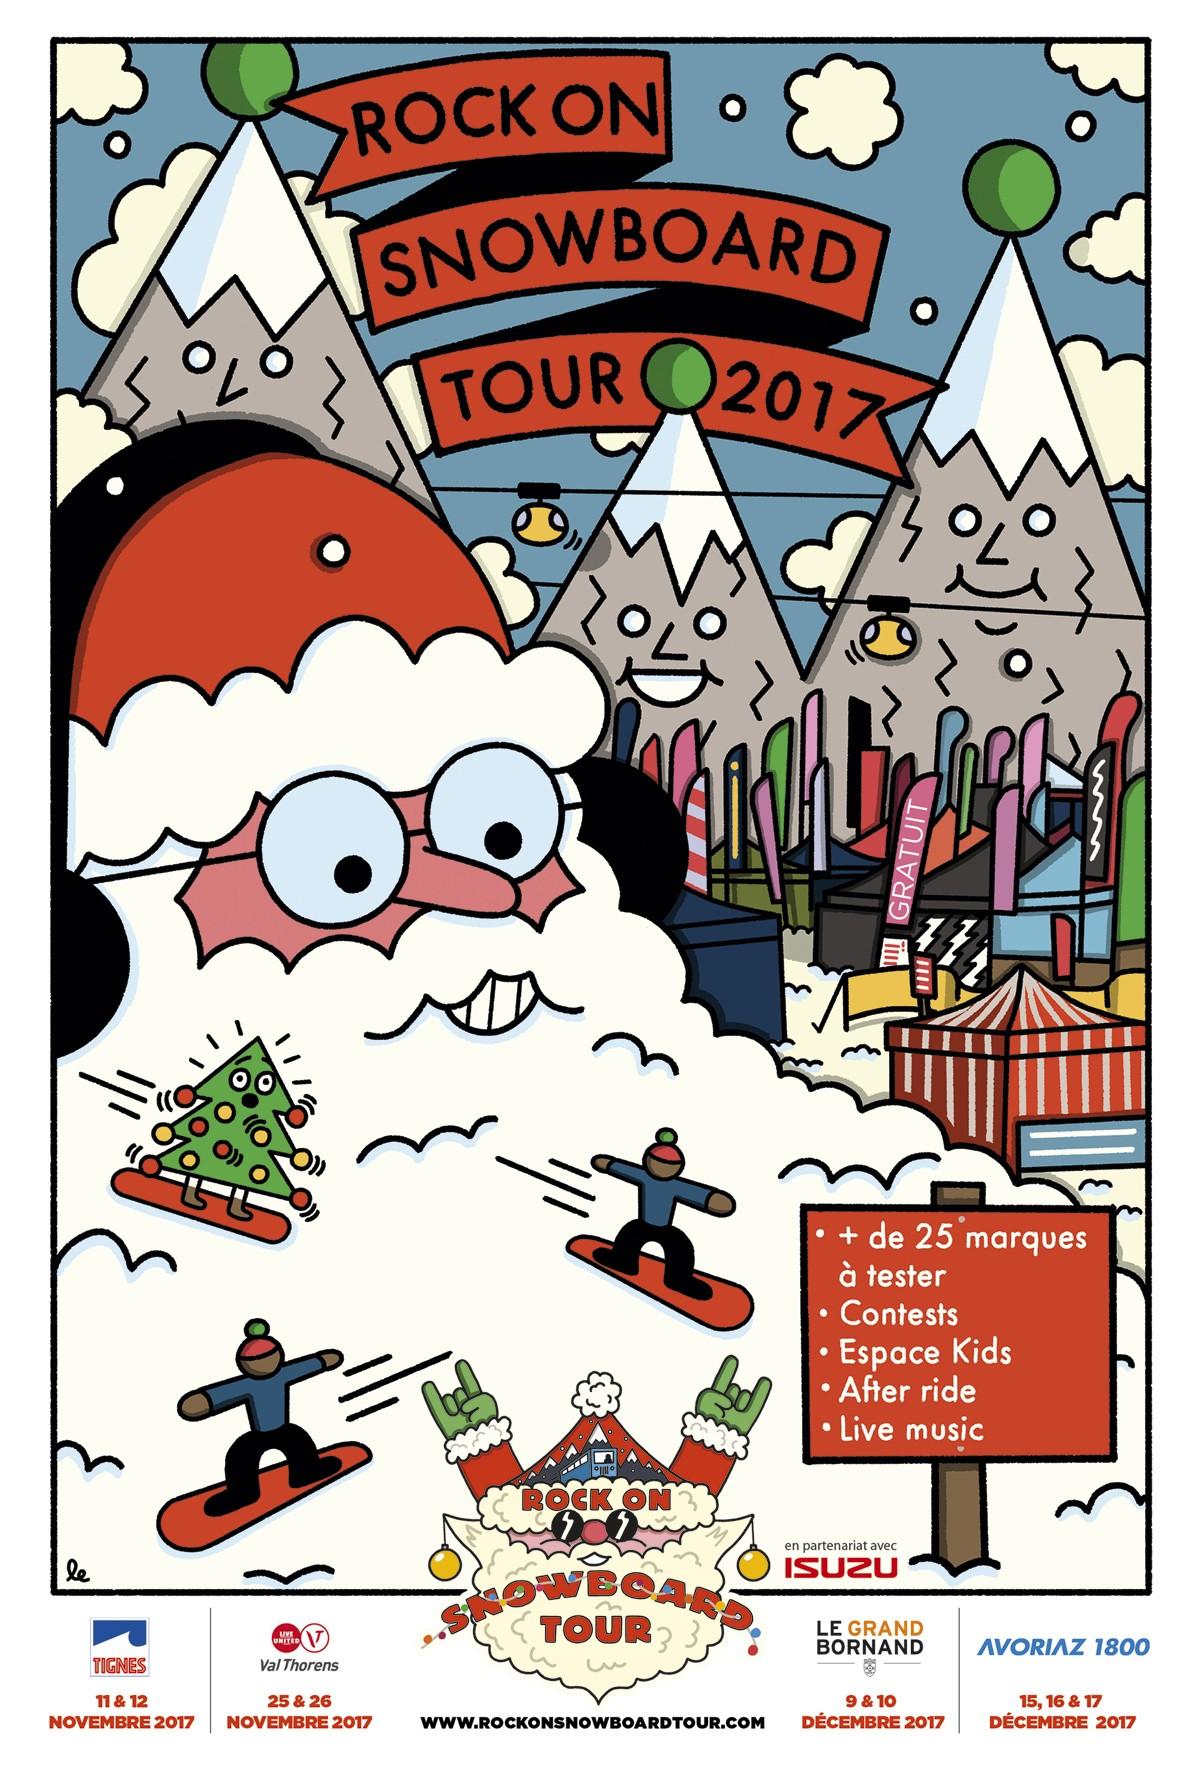 Affiche du Rock On Snowboard Tour 2017